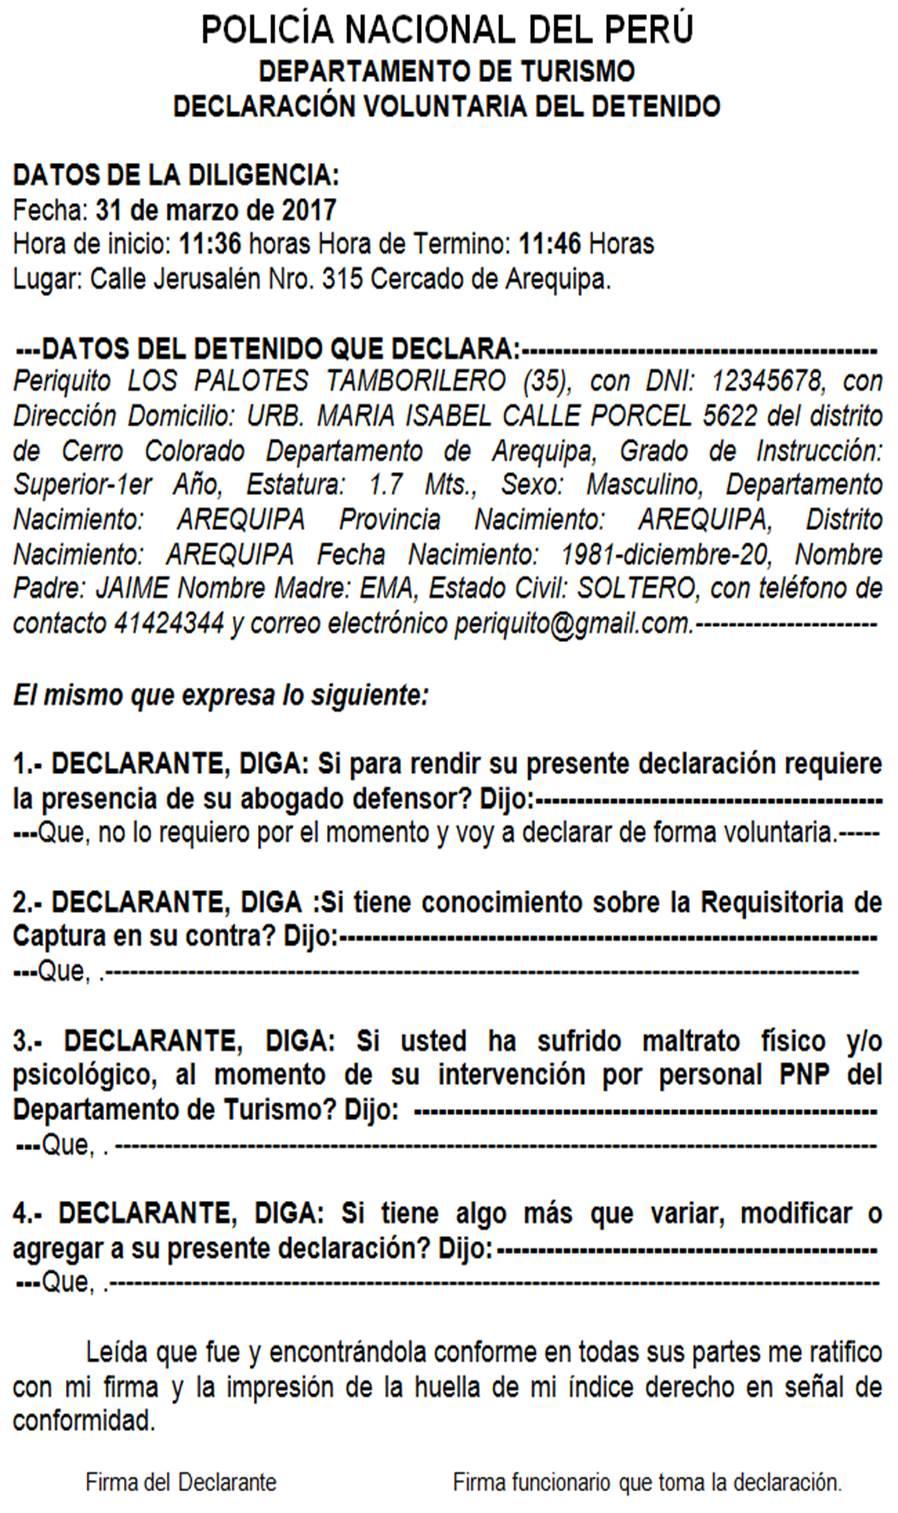 QUE HACER EN CASO DE DETENER A UNA PERSONA CON REQUISITORIA ...